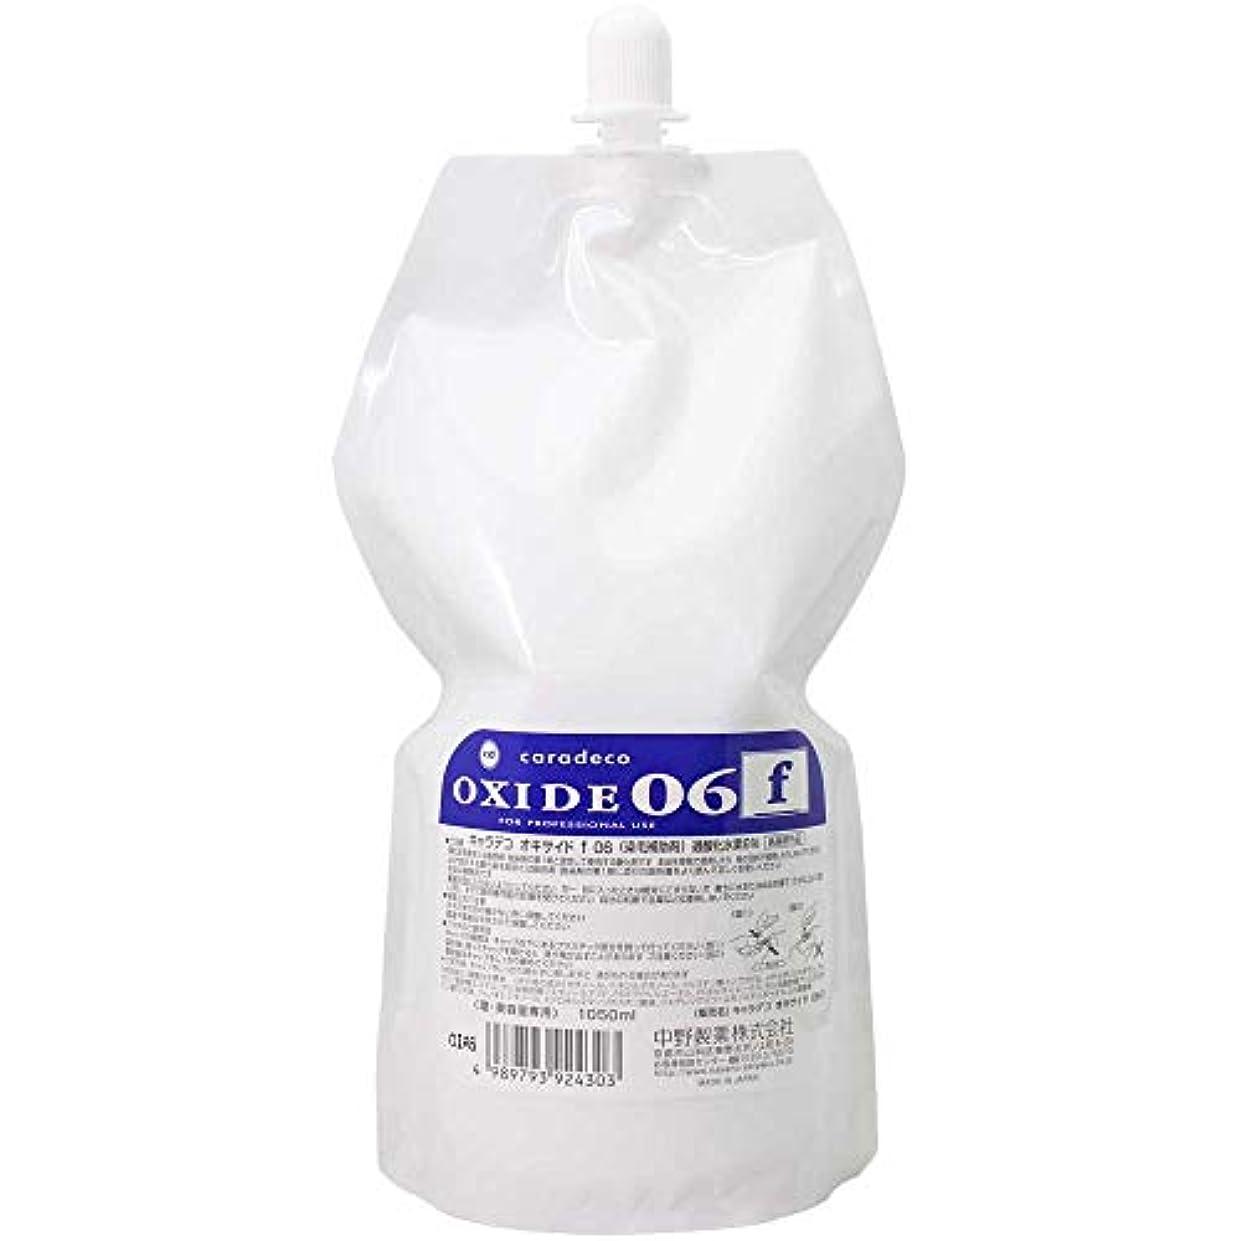 移植接辞コマース【ナカノ】キャラデコ オキサイドf 06 第2剤 (過酸化水素6%) 1050ml